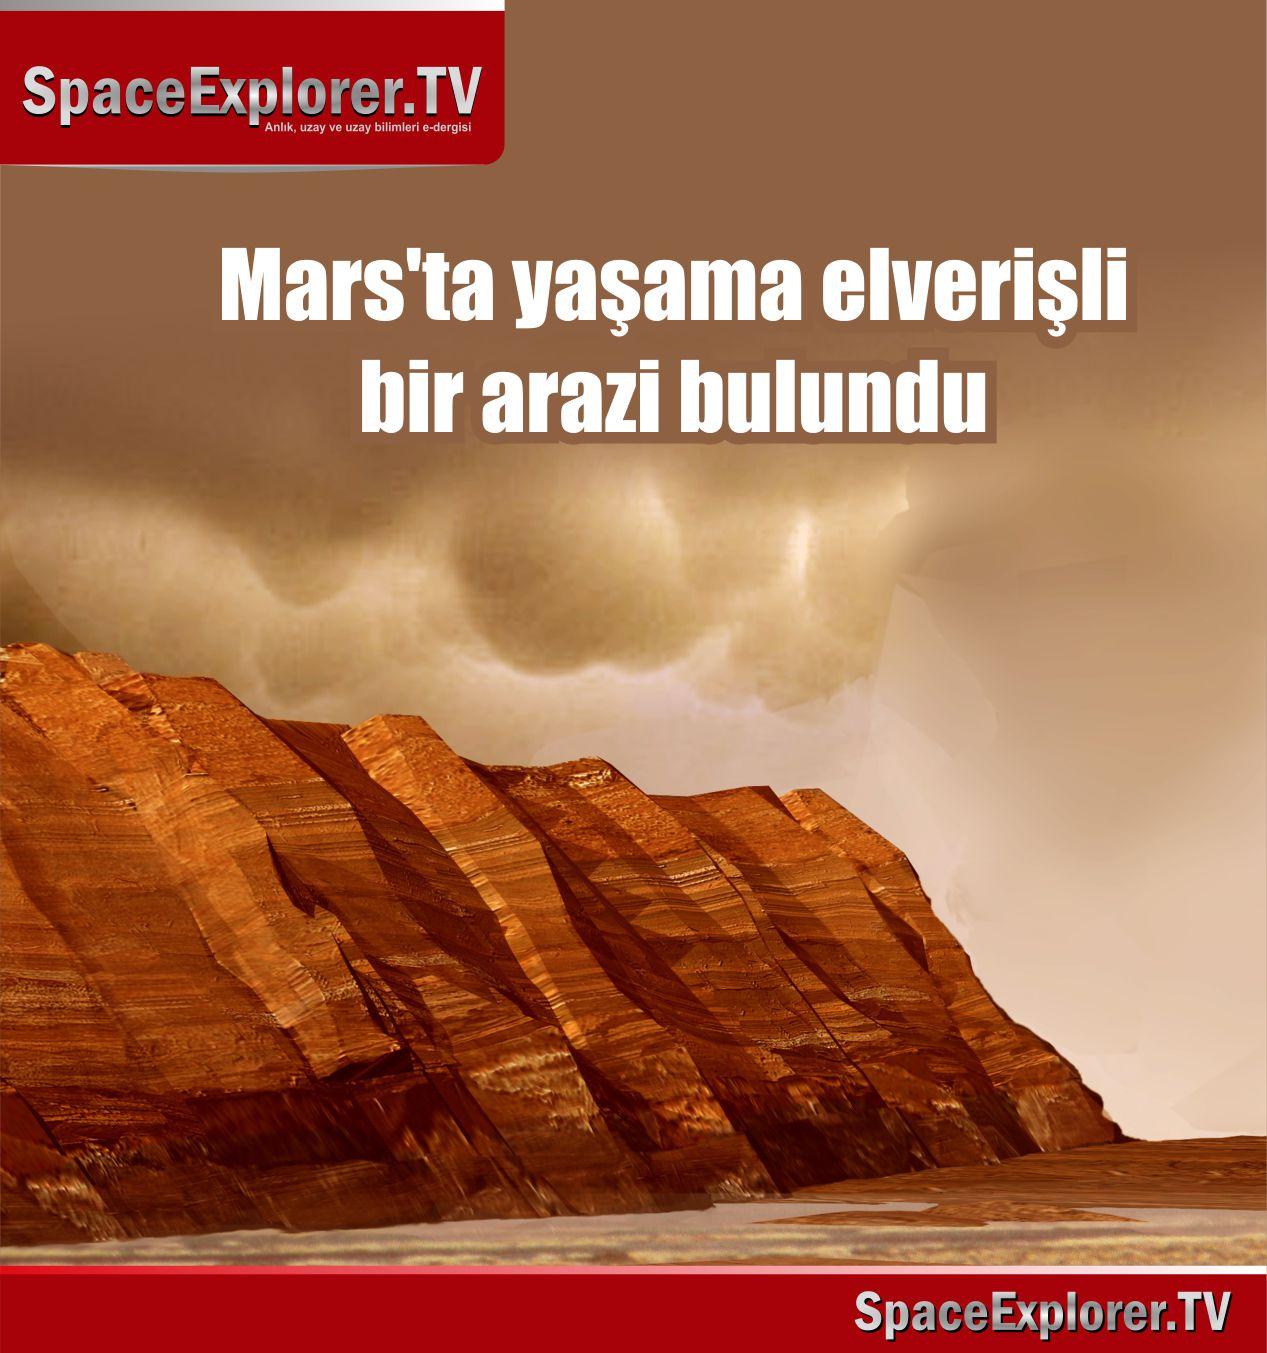 Mars, Merih, Uzayda hayat var mı?, Mars'ta yaşam var mı, NASA, Merak (Curiosity), California Teknoloji Enstitüsü, Opportunity kâşif robot,